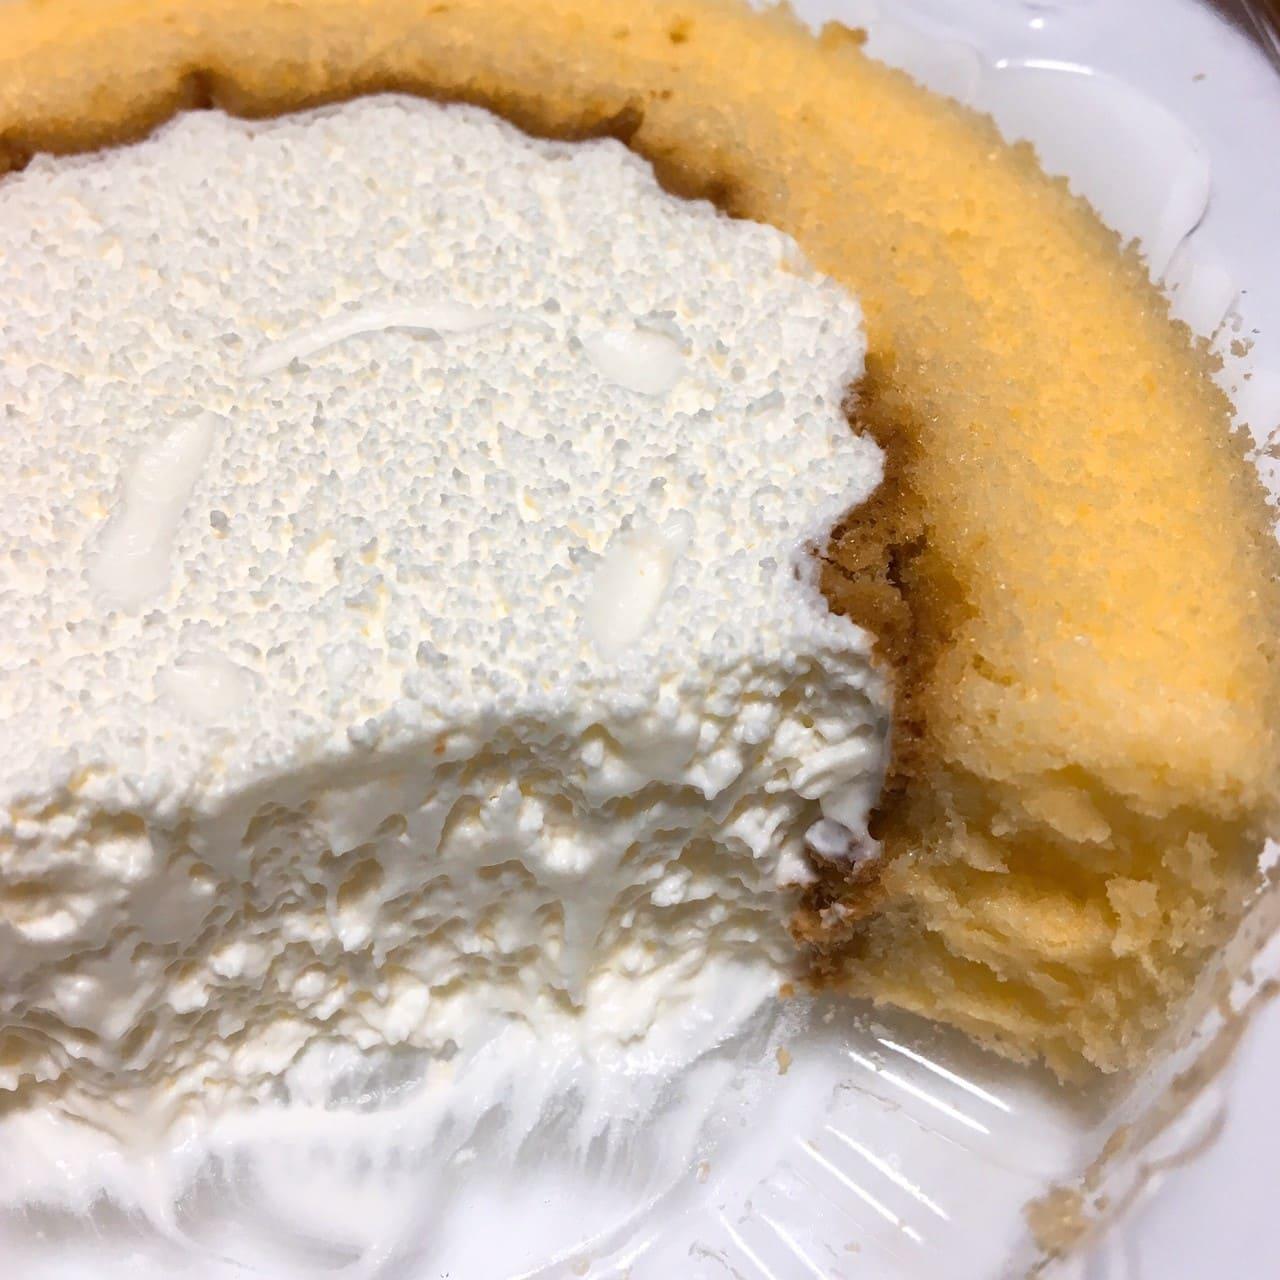 プレミアムロールケーキ断面